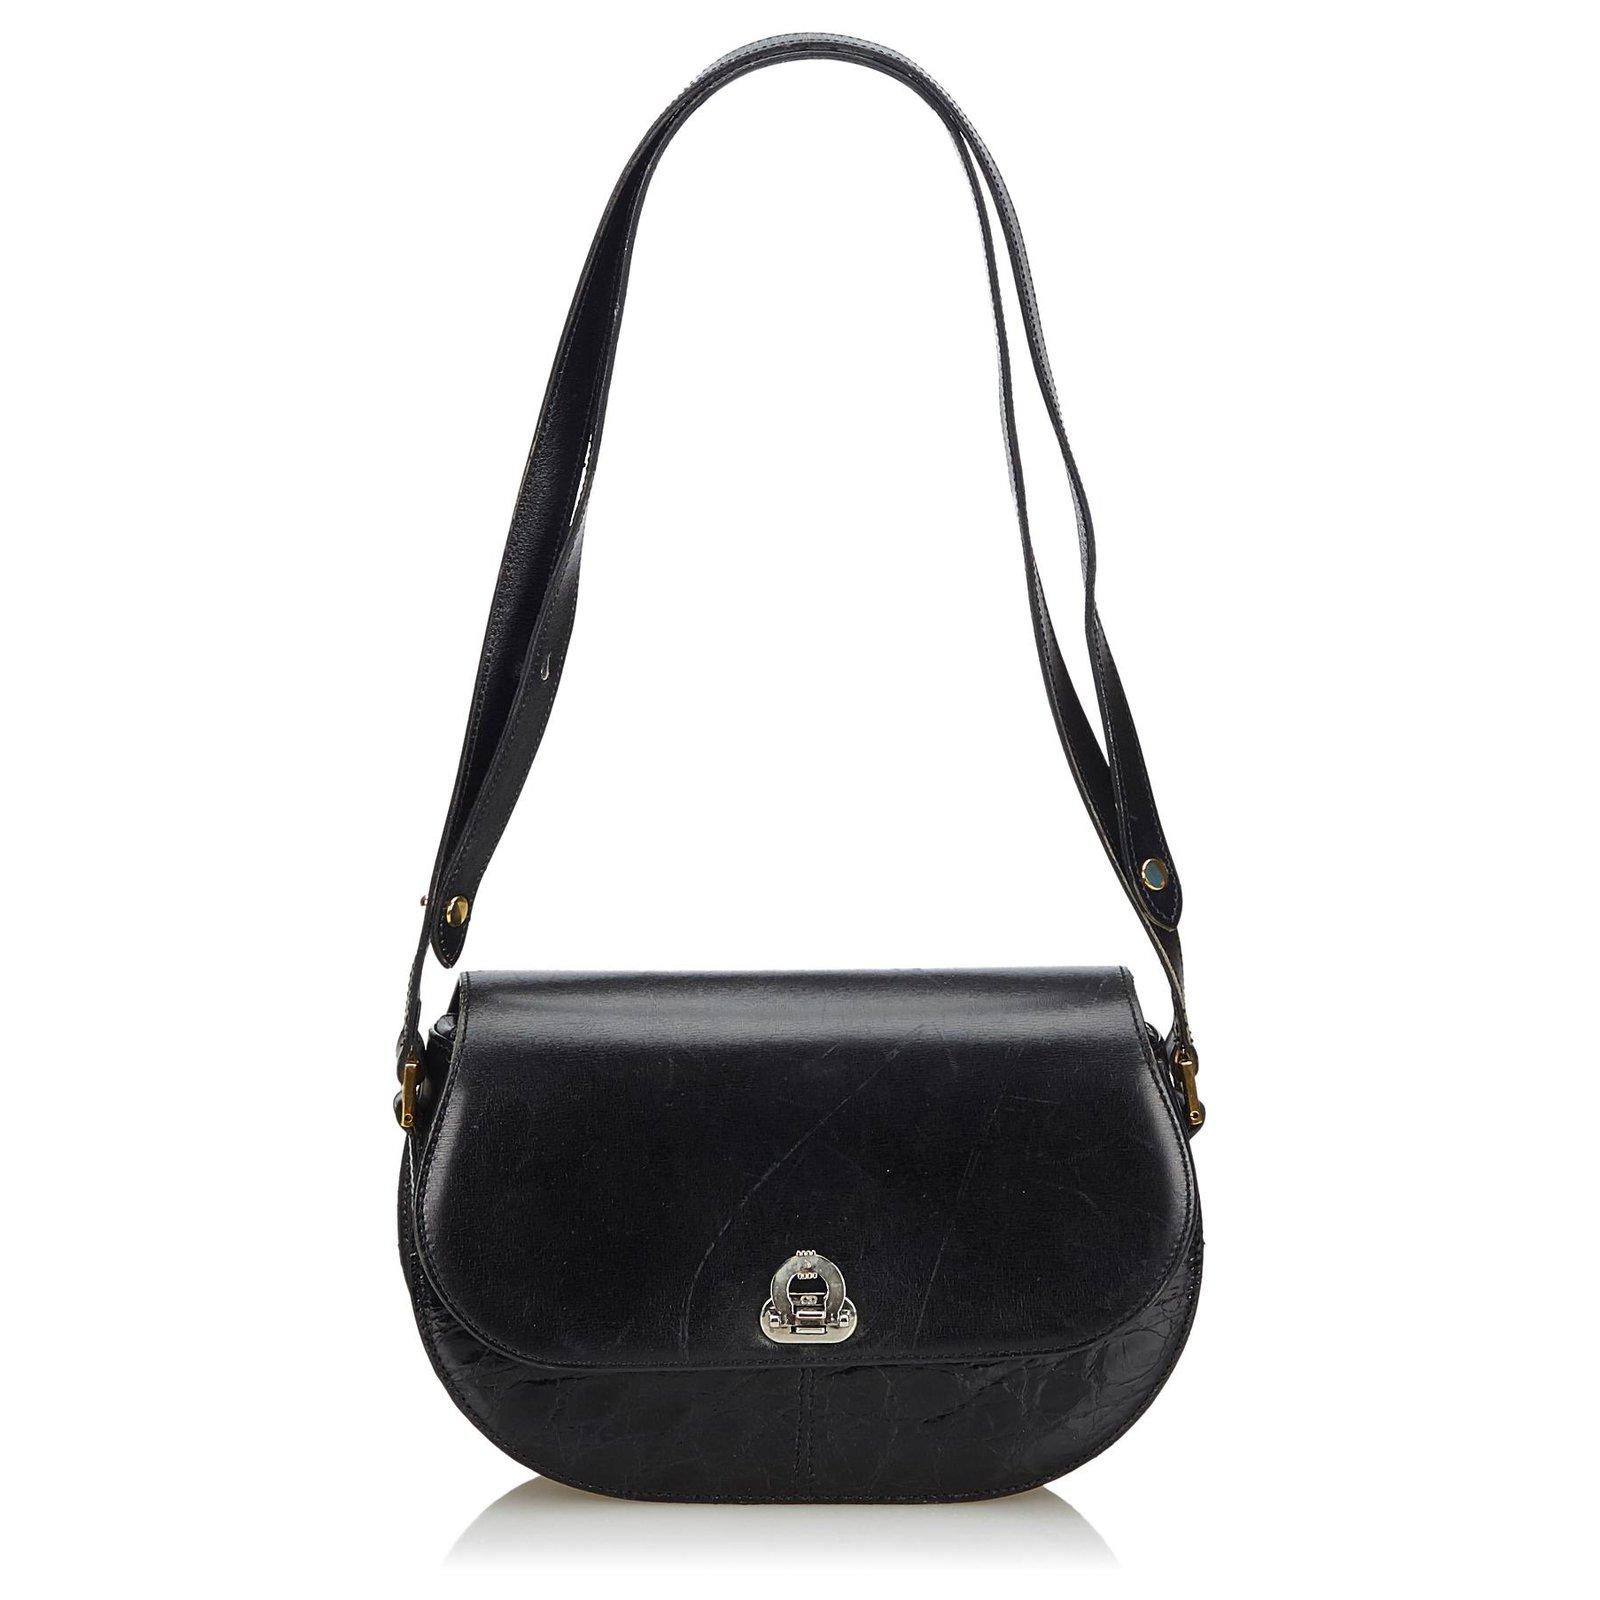 5b448f30fa Dior Dior Black Leather Crossbody Bag Handbags Leather,Other Black  ref.132554